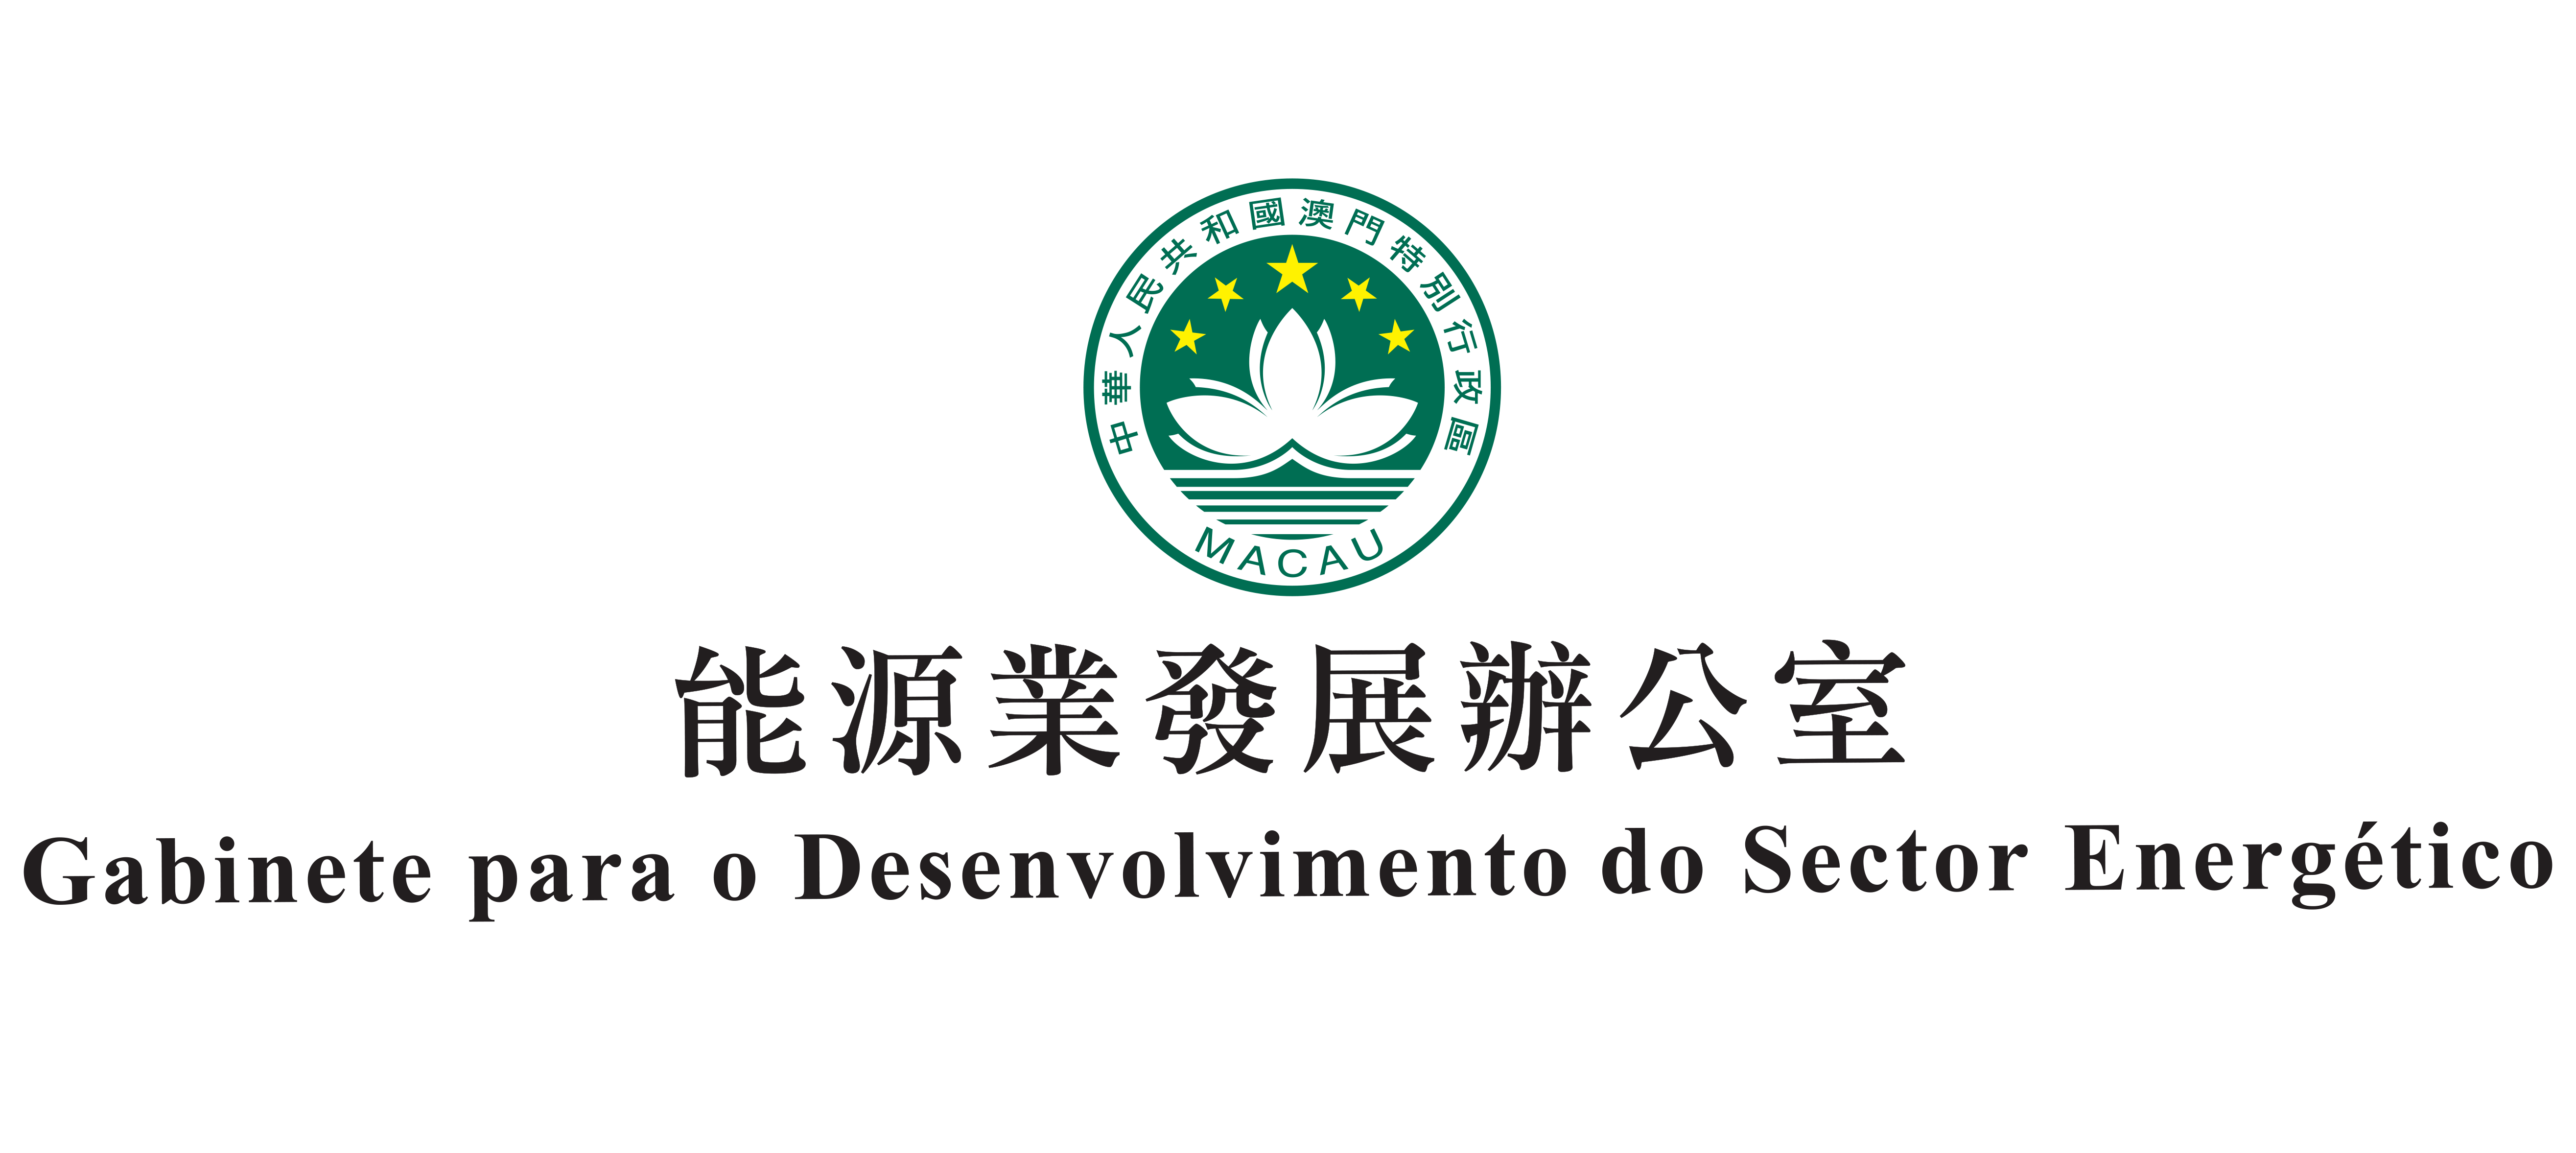 澳门能源业发展办公室logo-网站首页用